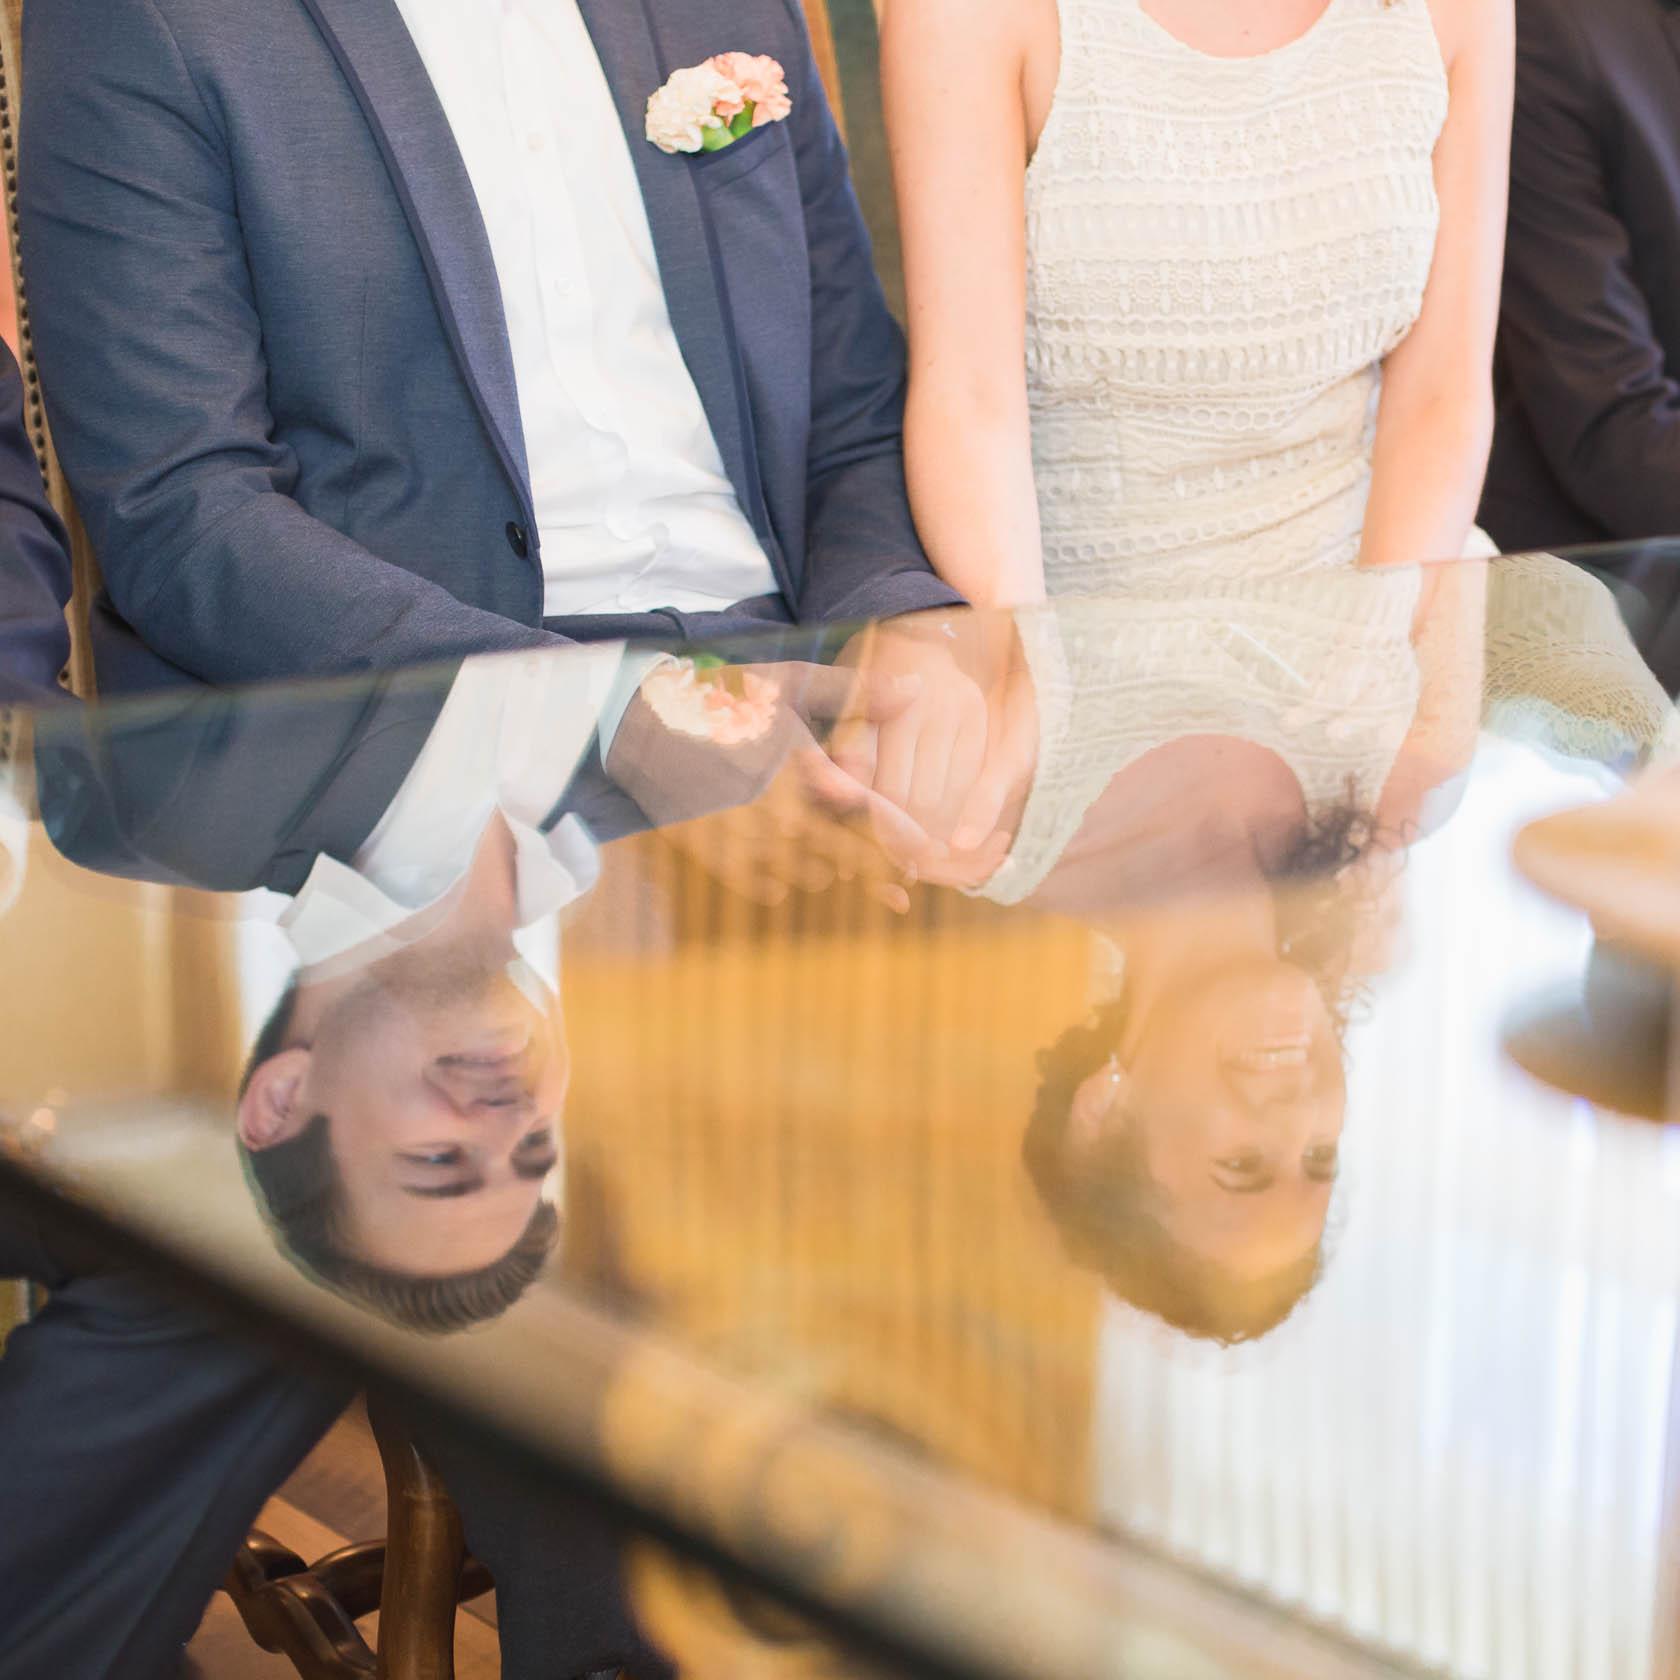 Standesamtliche Trauung von Fabienne und Manuel in Wiesloch Standesamt Wiesloch Braut und Bräutigam